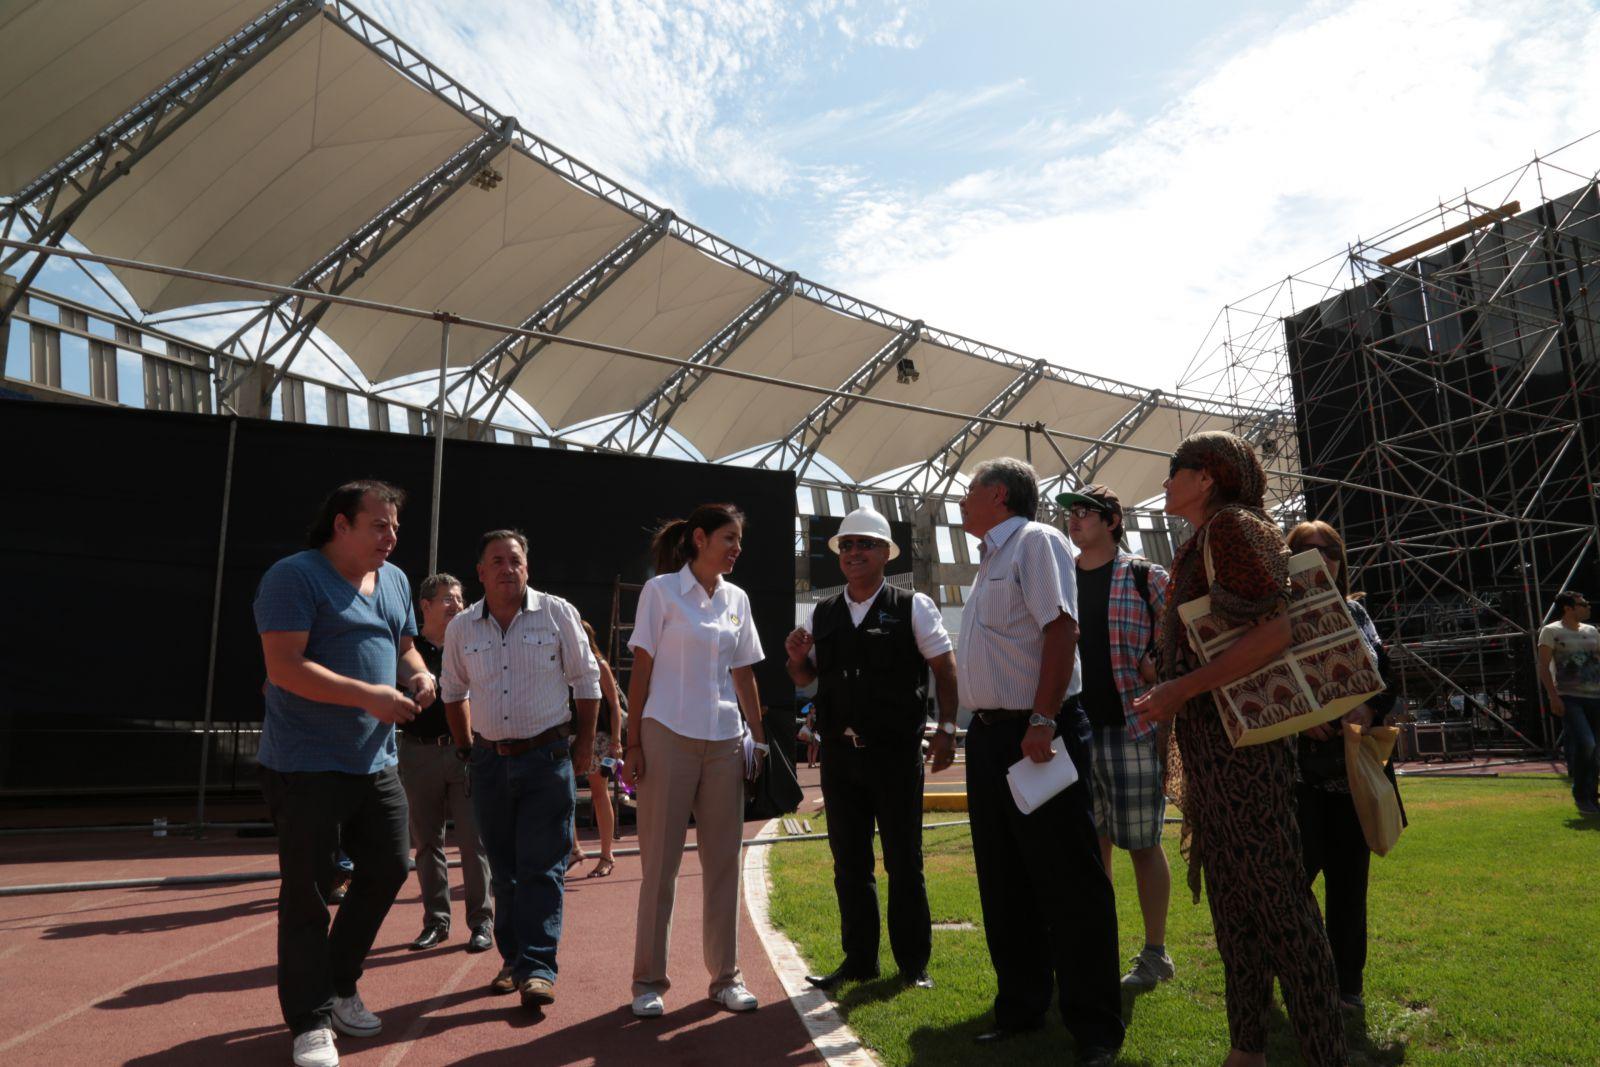 festival-de-antofagasta-afina-detalles-para-este-fin-de-semana